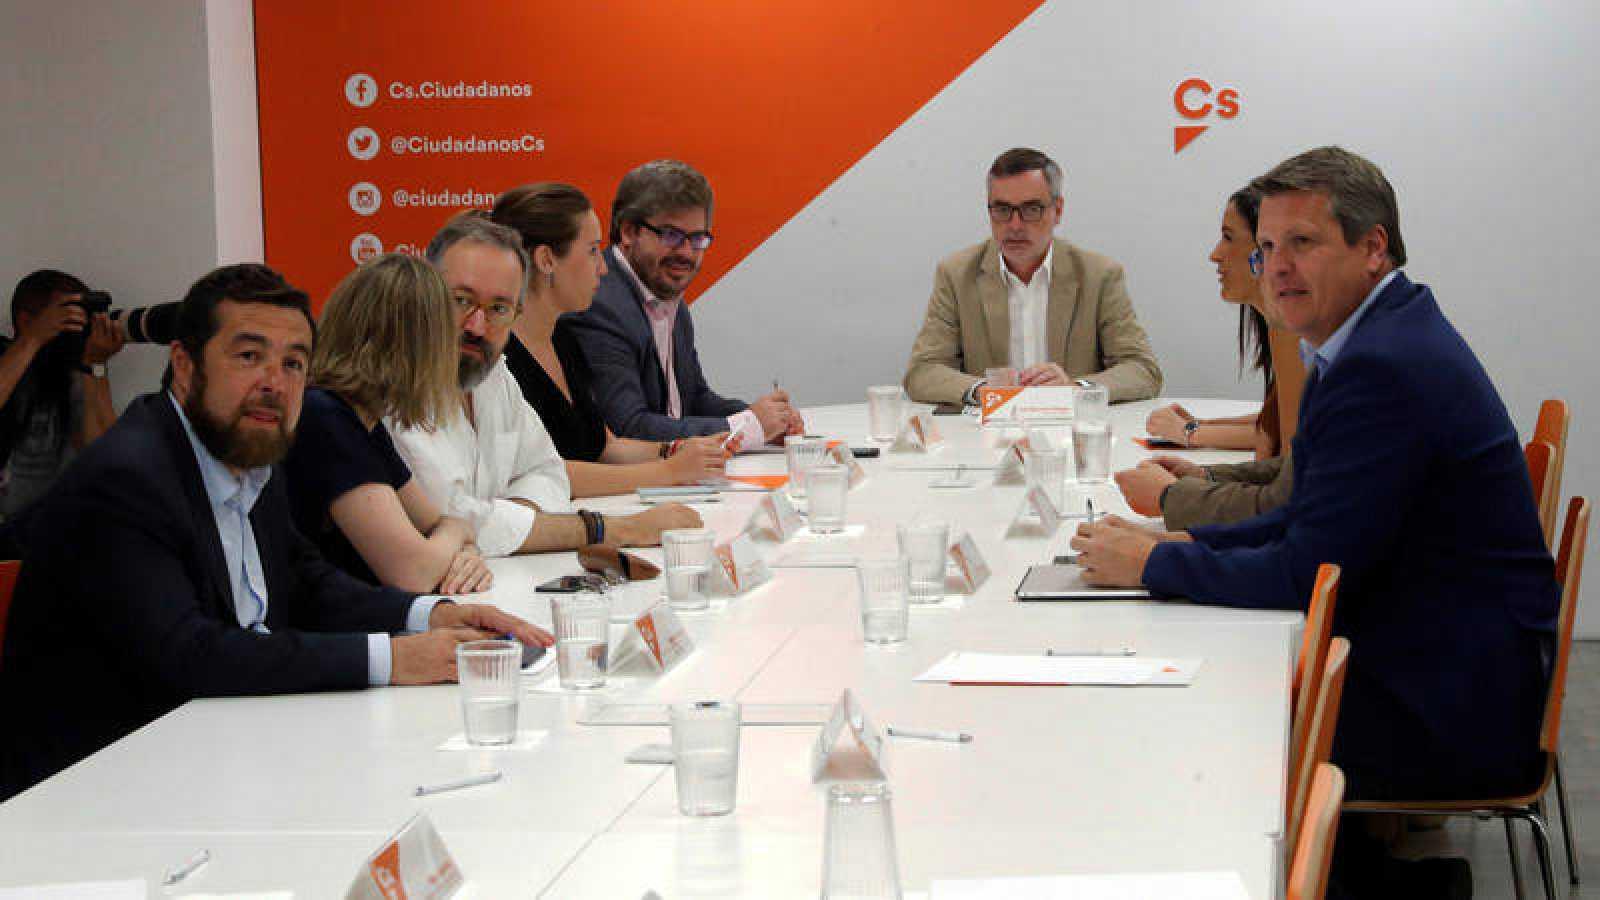 El secretario general de Ciudadanos José Manuel Villegas, durante la reunión de la ejecutiva semanal.